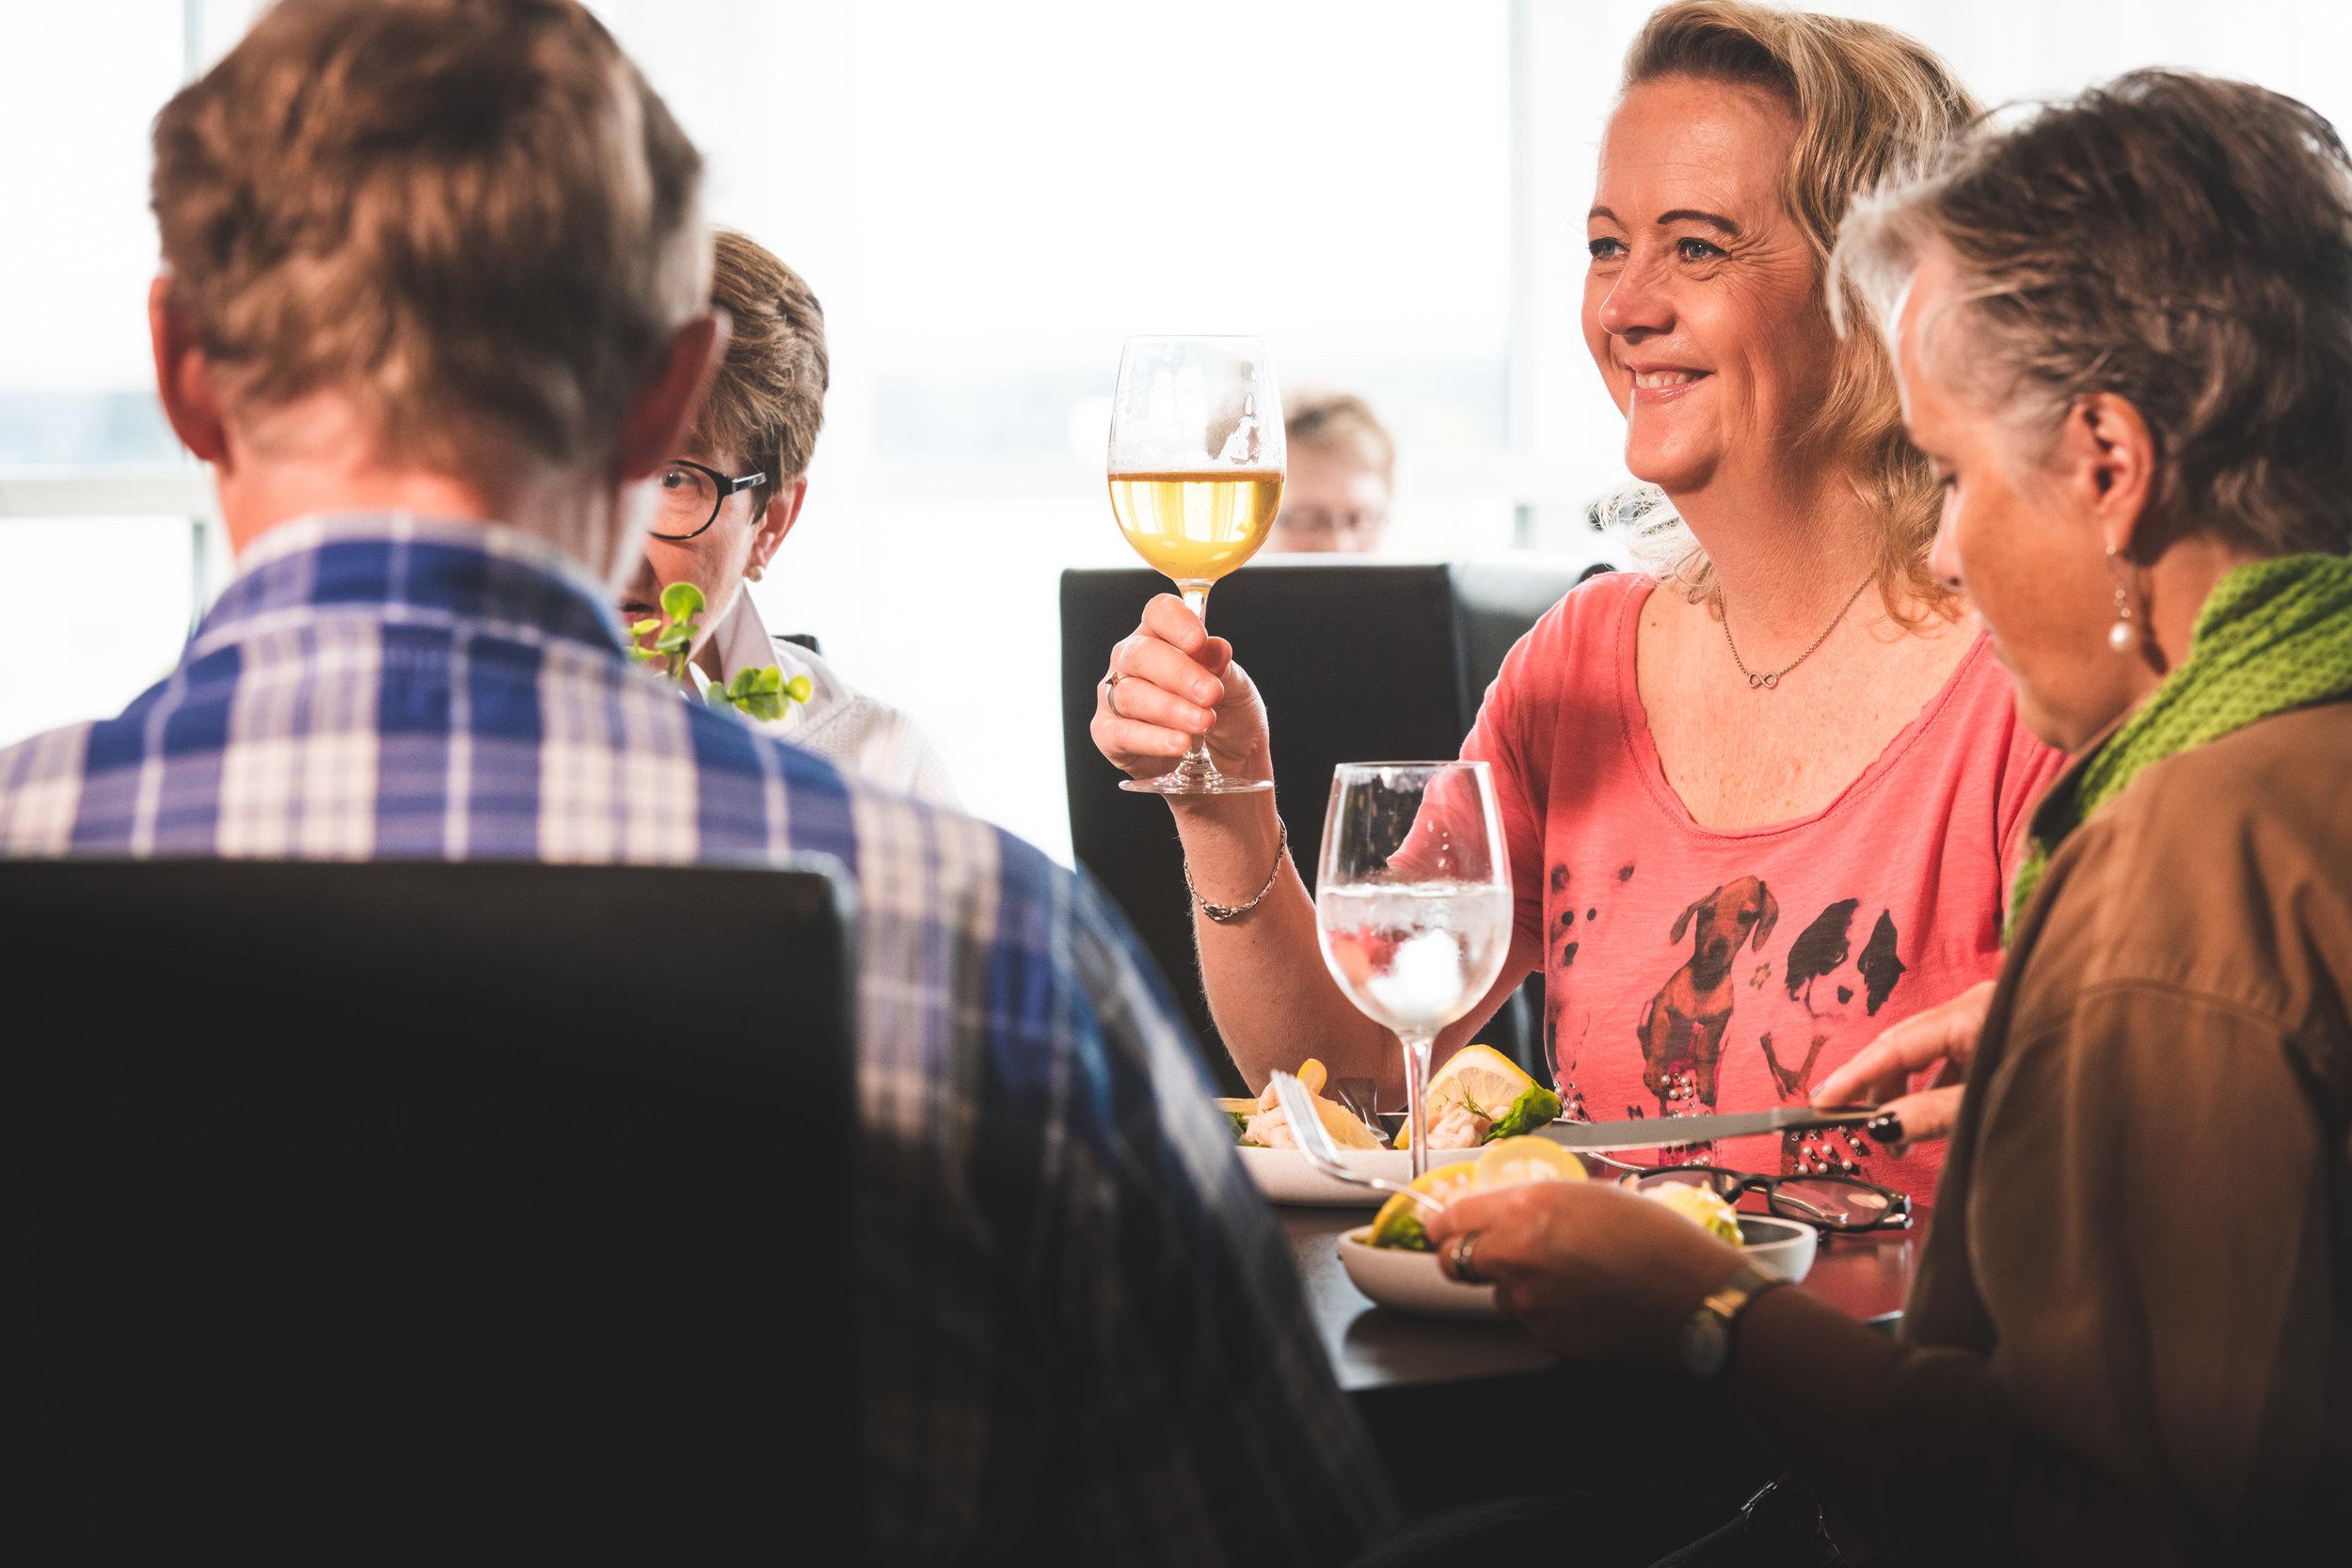 restaurant_2019_-8509874.jpg